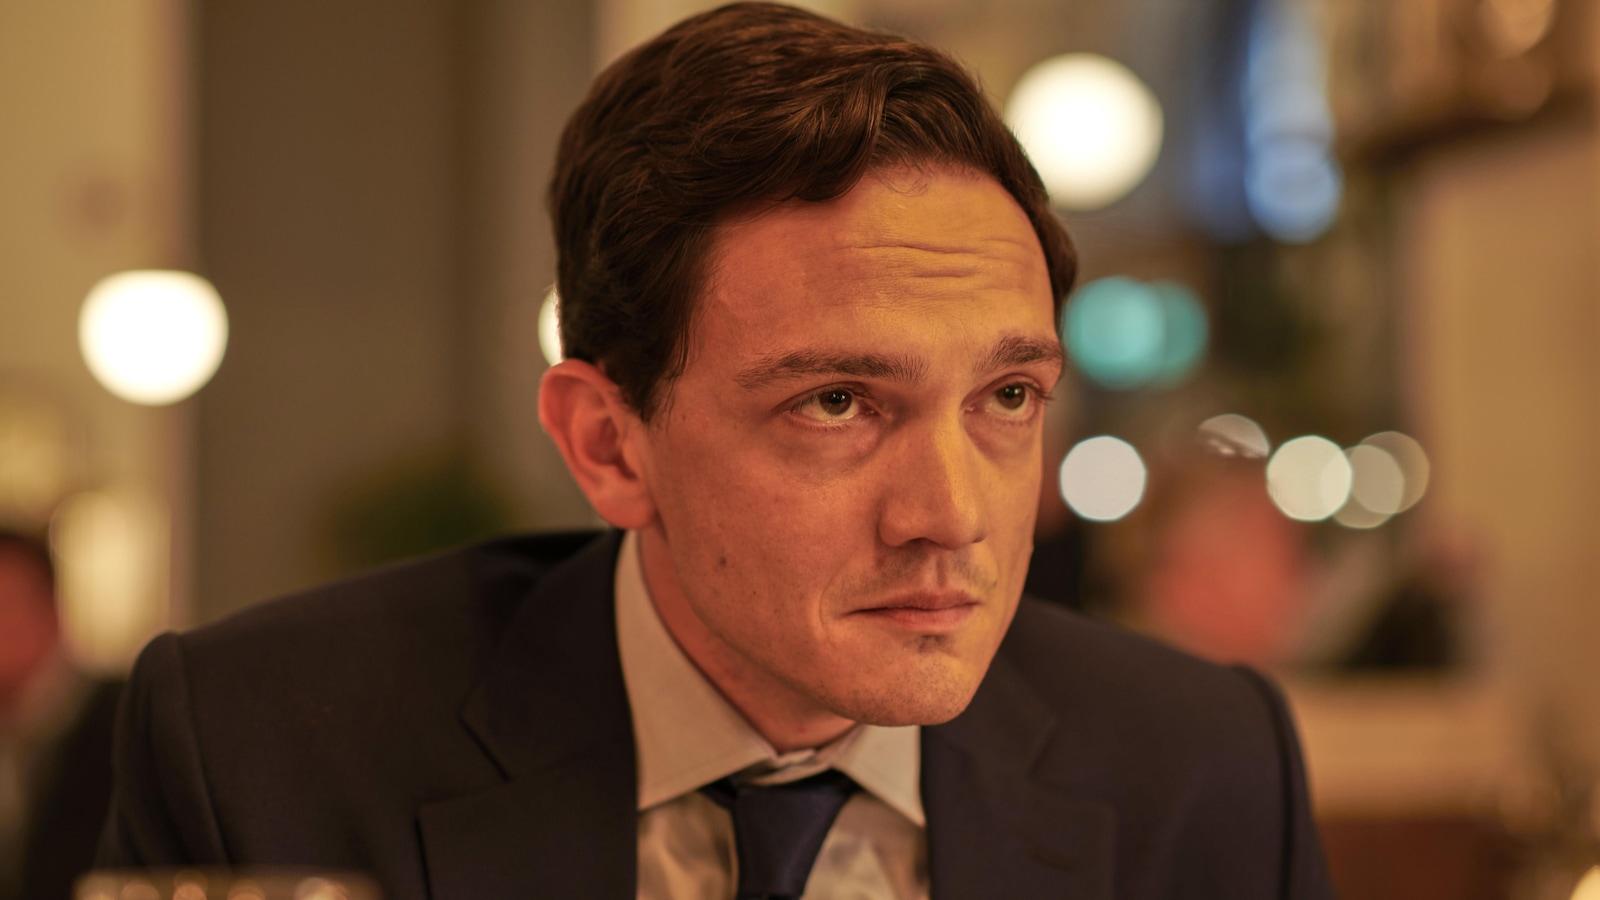 Patrick Day regarde de façon suspicieuse Benjamin Greene lors du souper au resto.